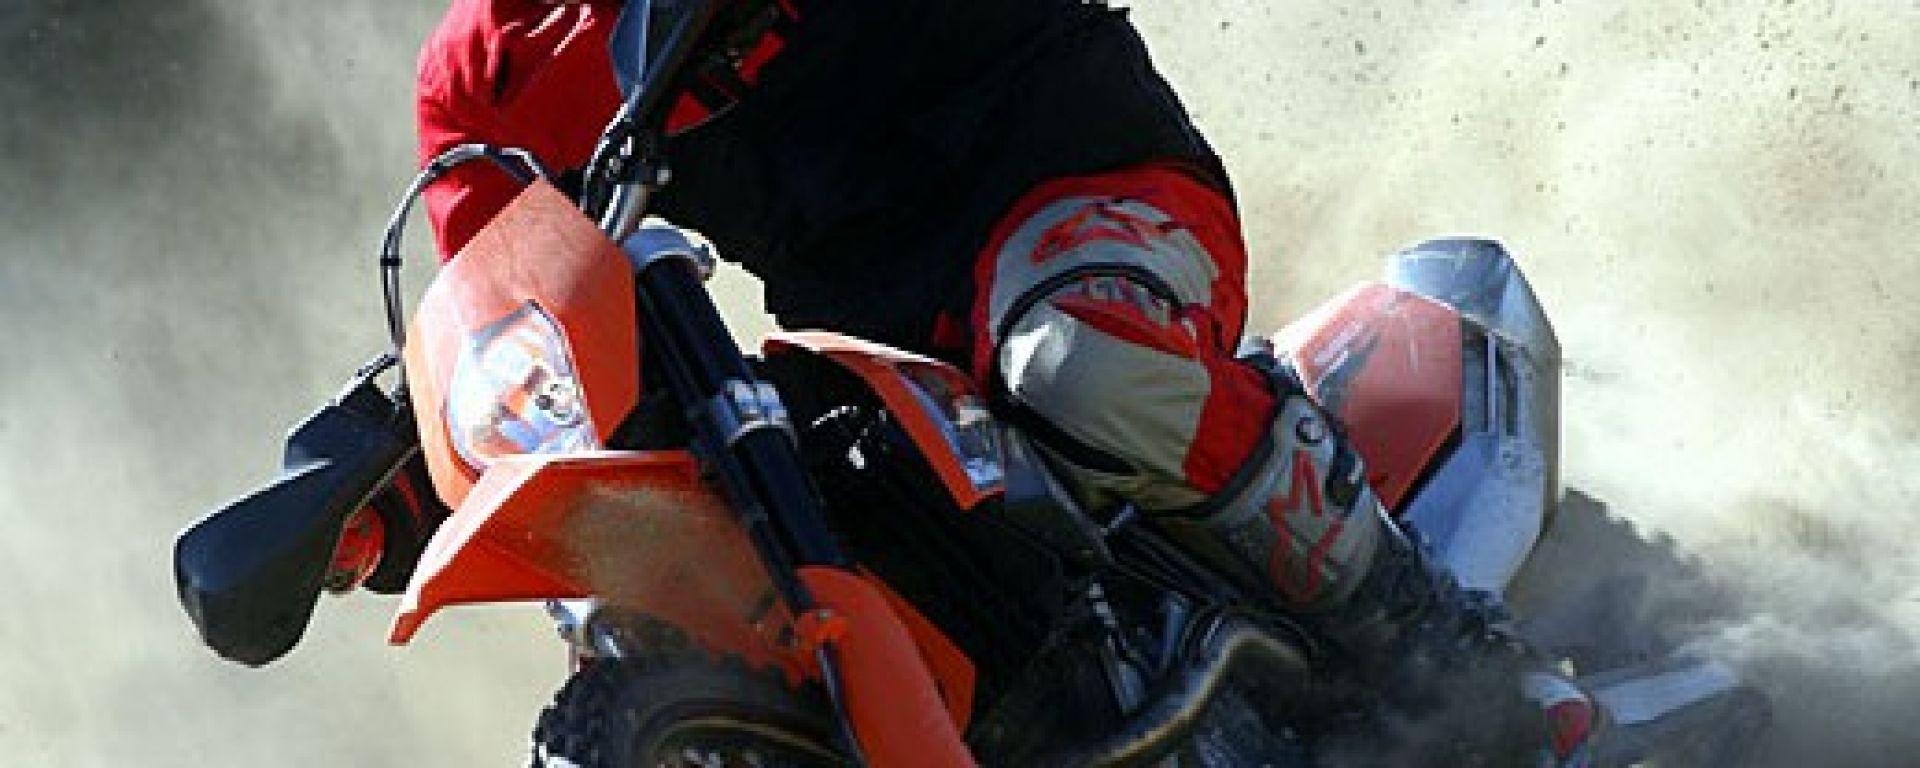 * KTM 690 Enduro & SMC